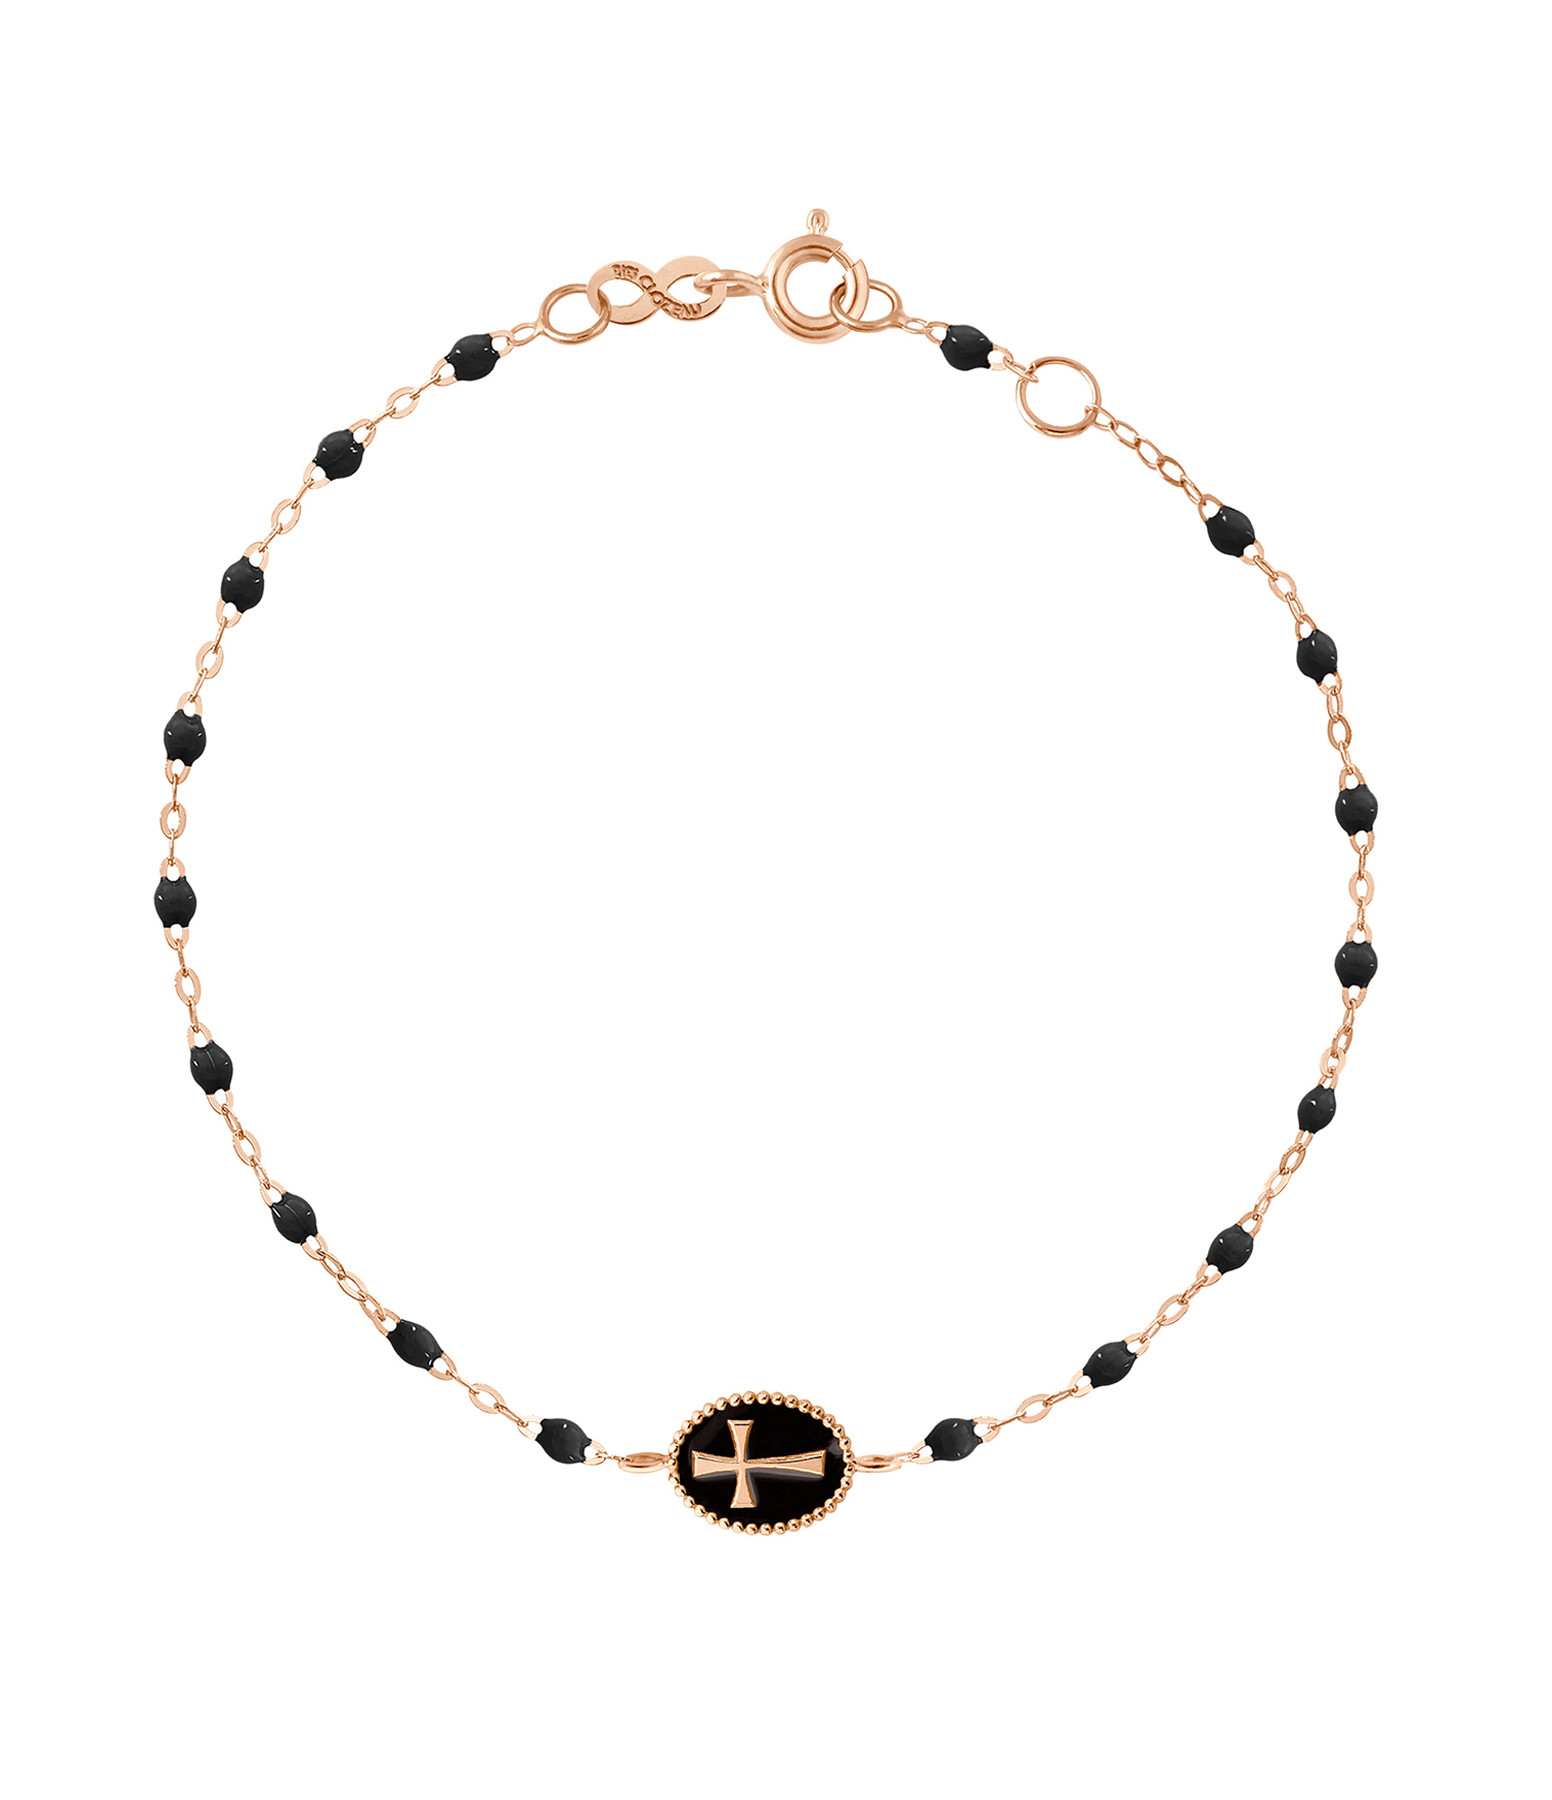 GIGI CLOZEAU - Bracelet Croix Perles Résines Transparentes Or